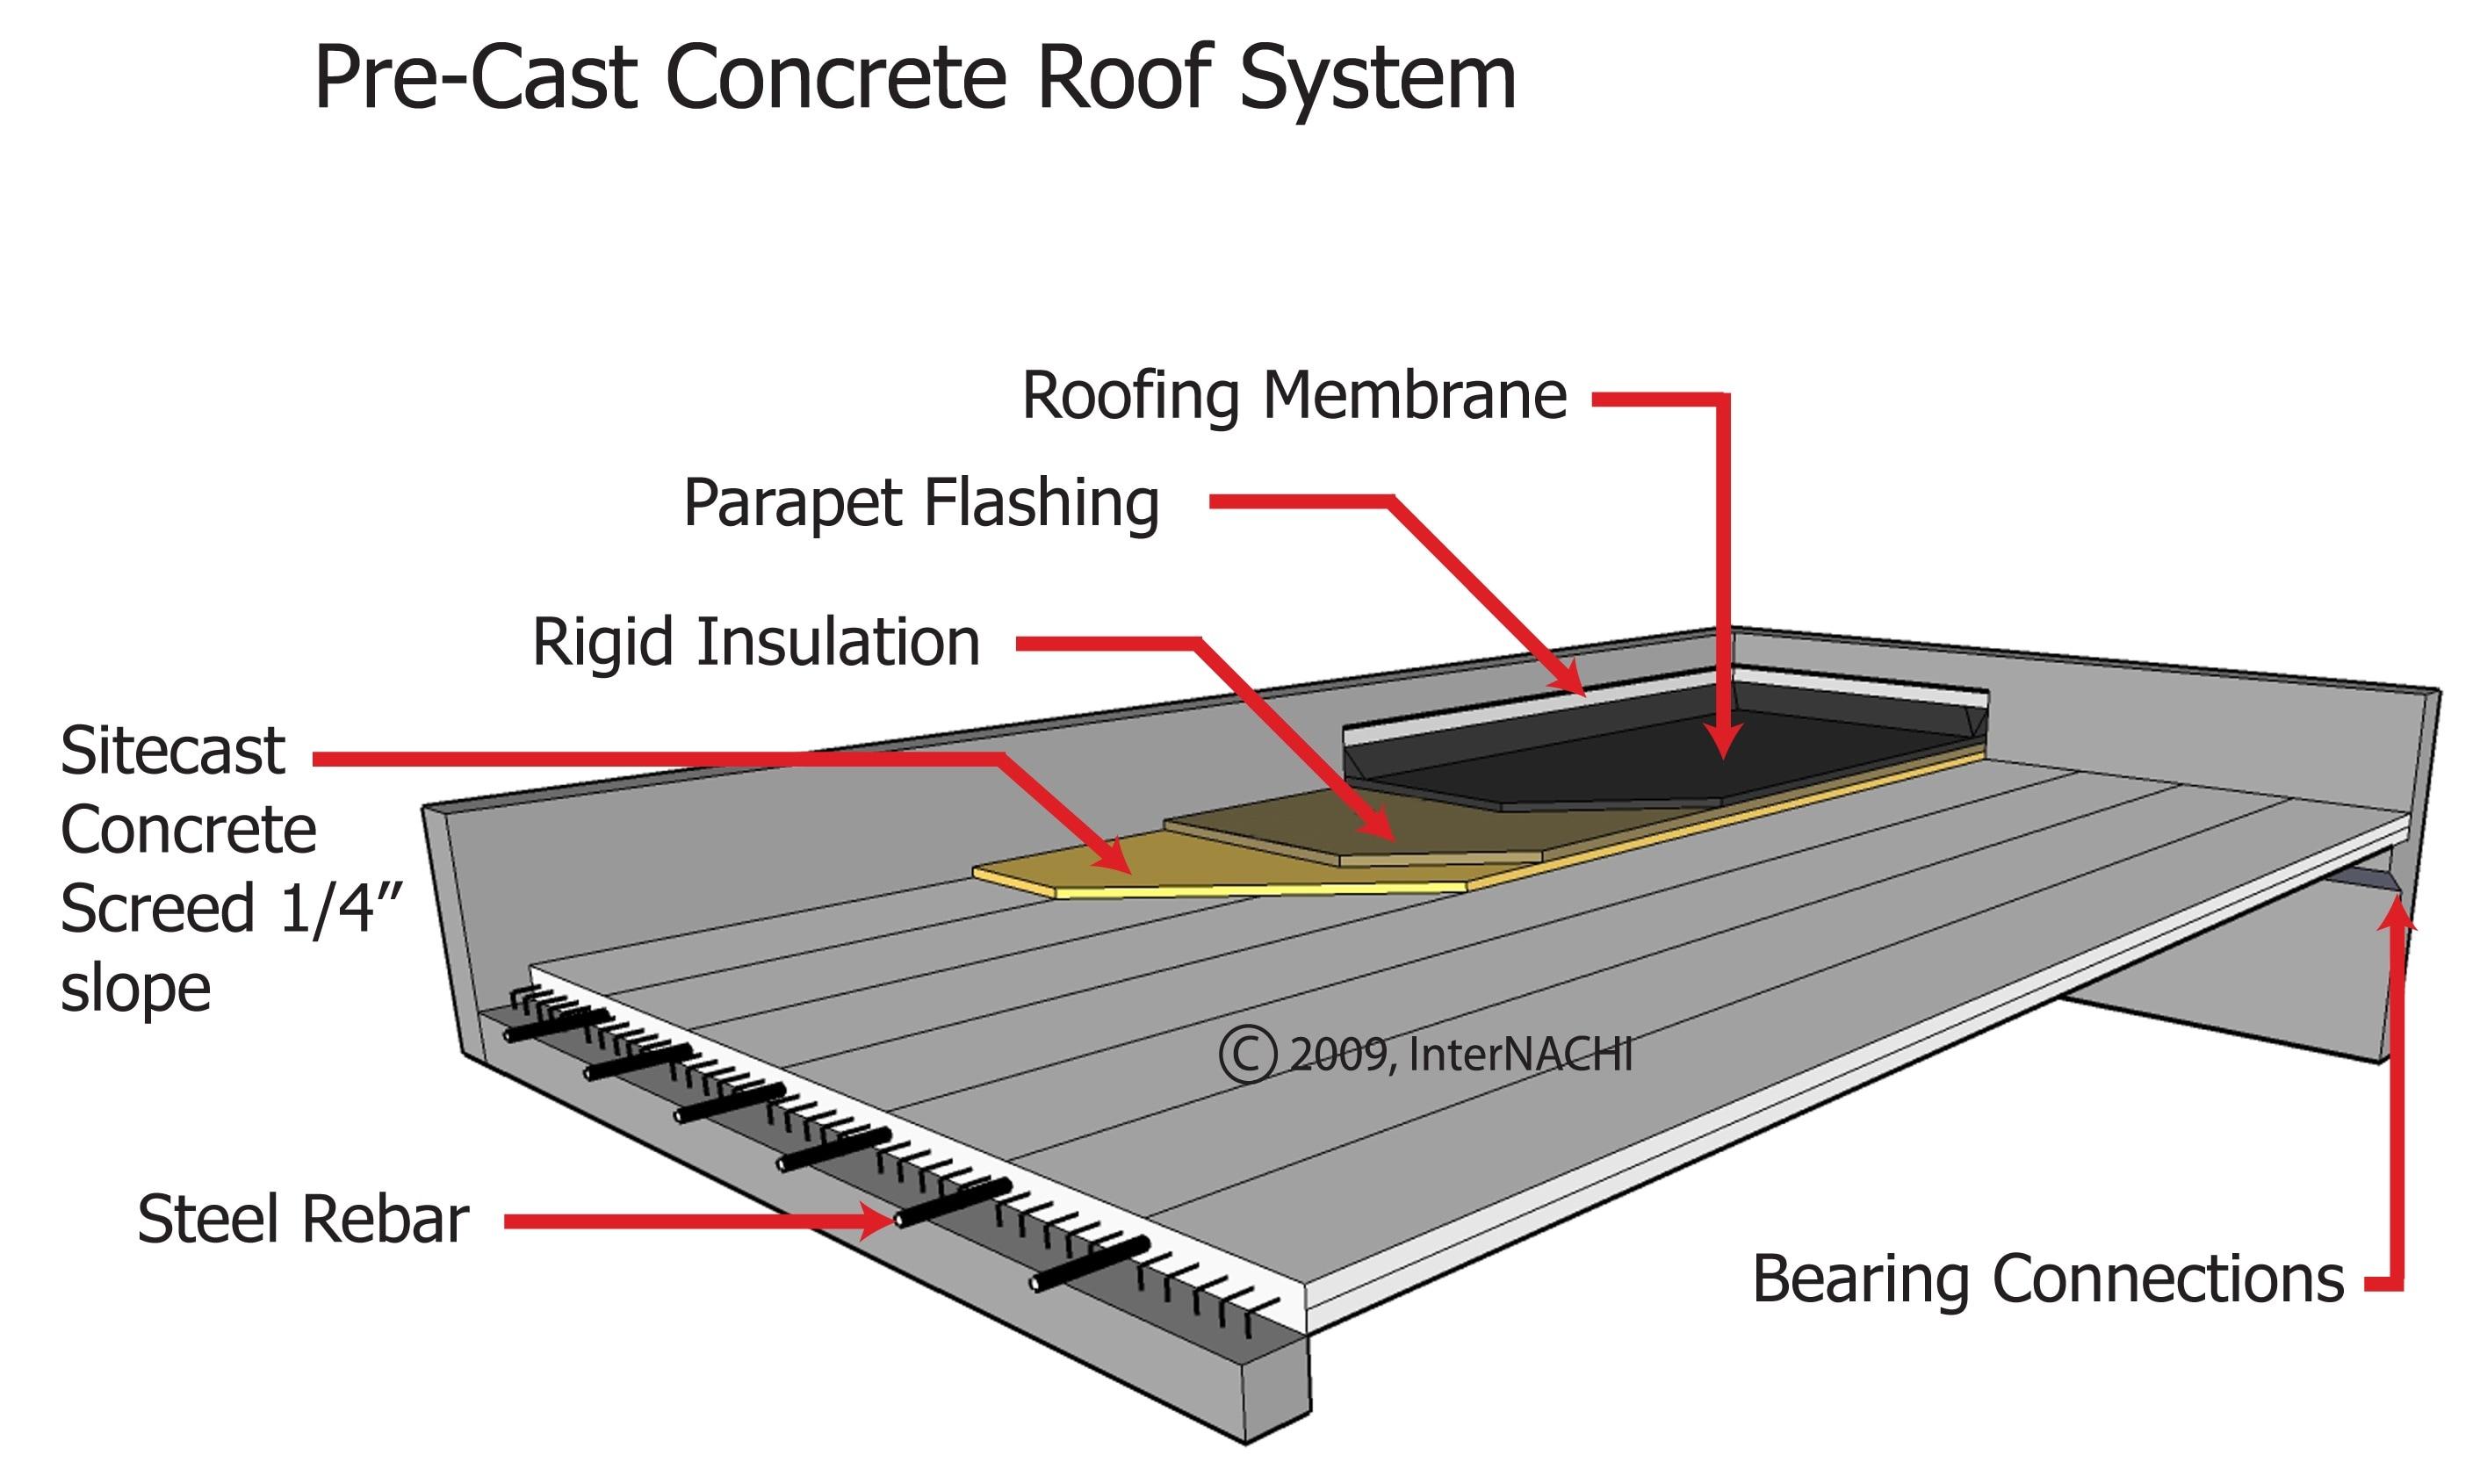 Pre-cast concrete roof system.